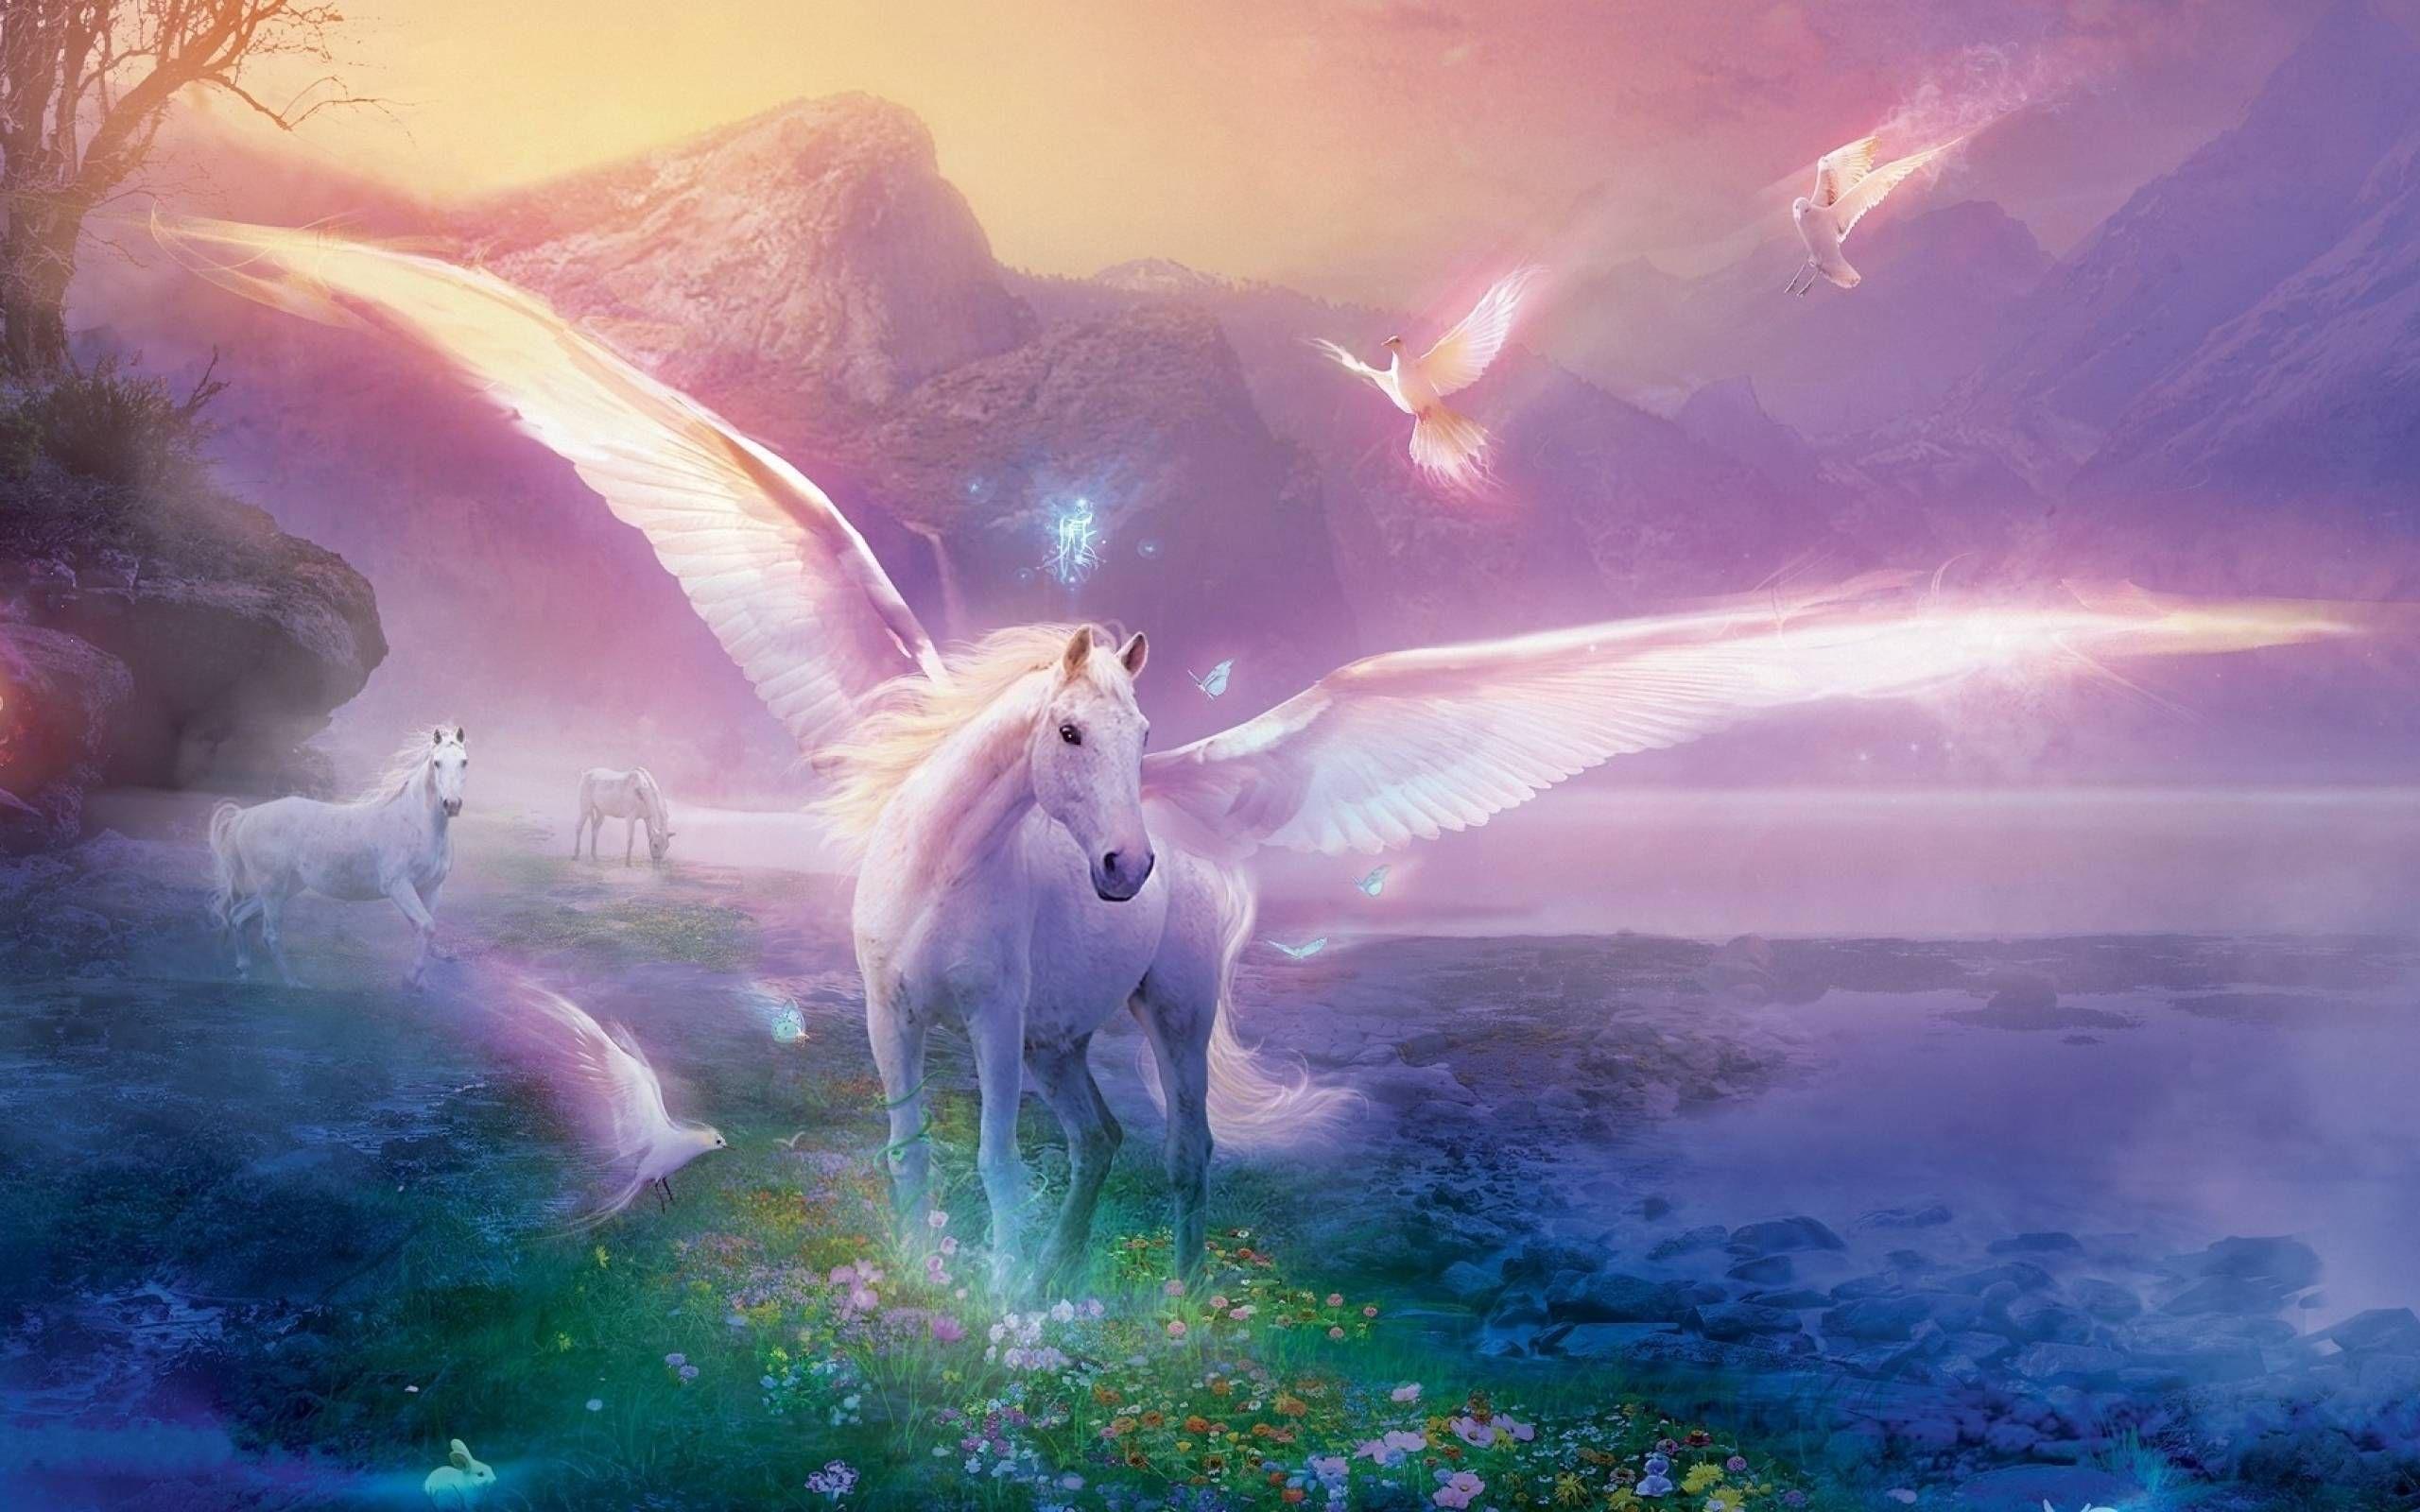 53 Unicorn Wallpapers Unicorn Backgrounds Unicorn Fantasy Mythical Creatures Fantasy Horses